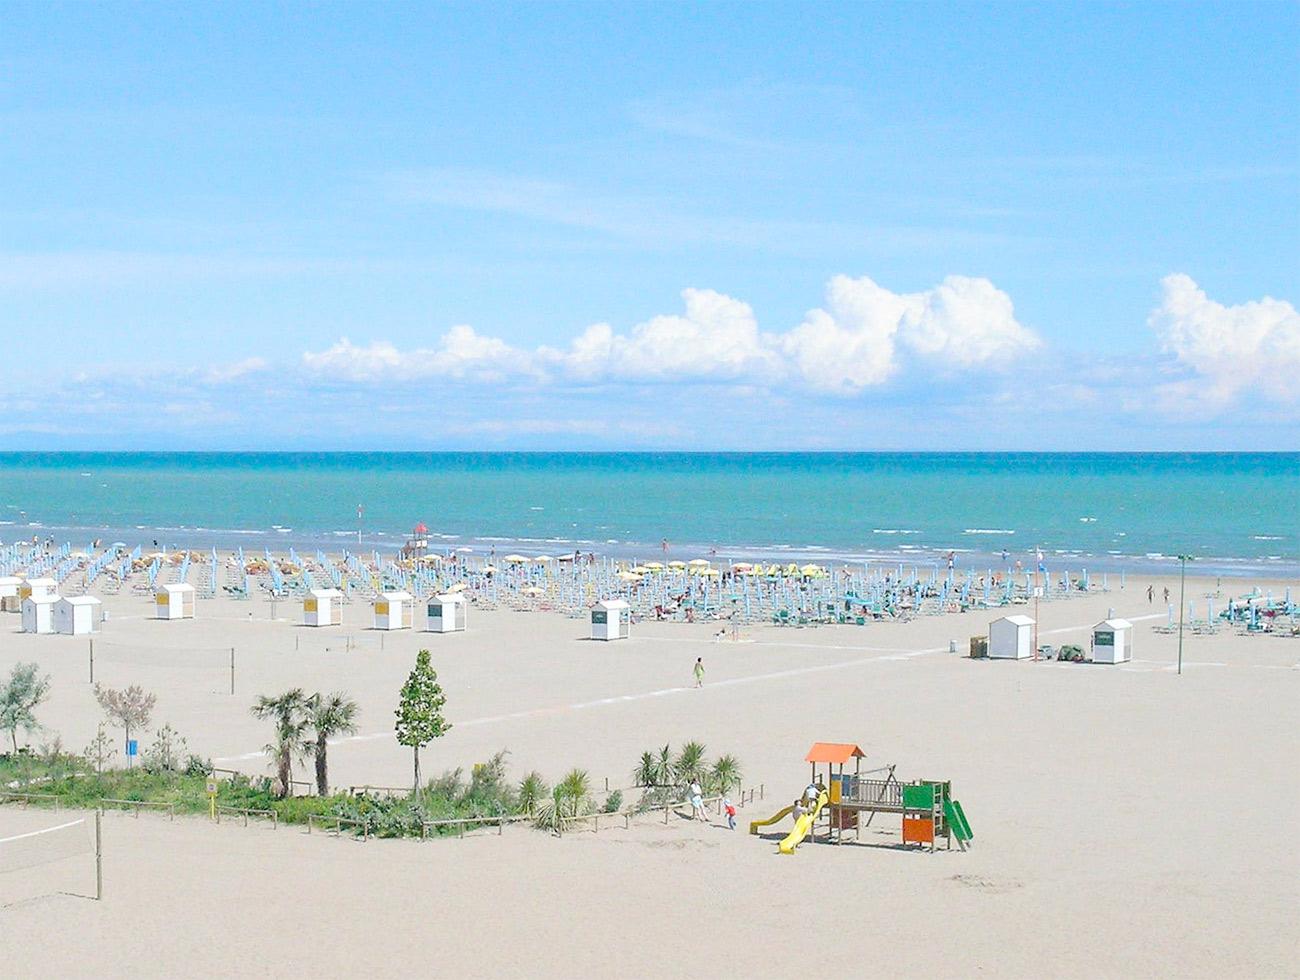 Matrimonio Spiaggia Caorle : Sito ufficiale hotel doriana fronte mare caorle spiaggia